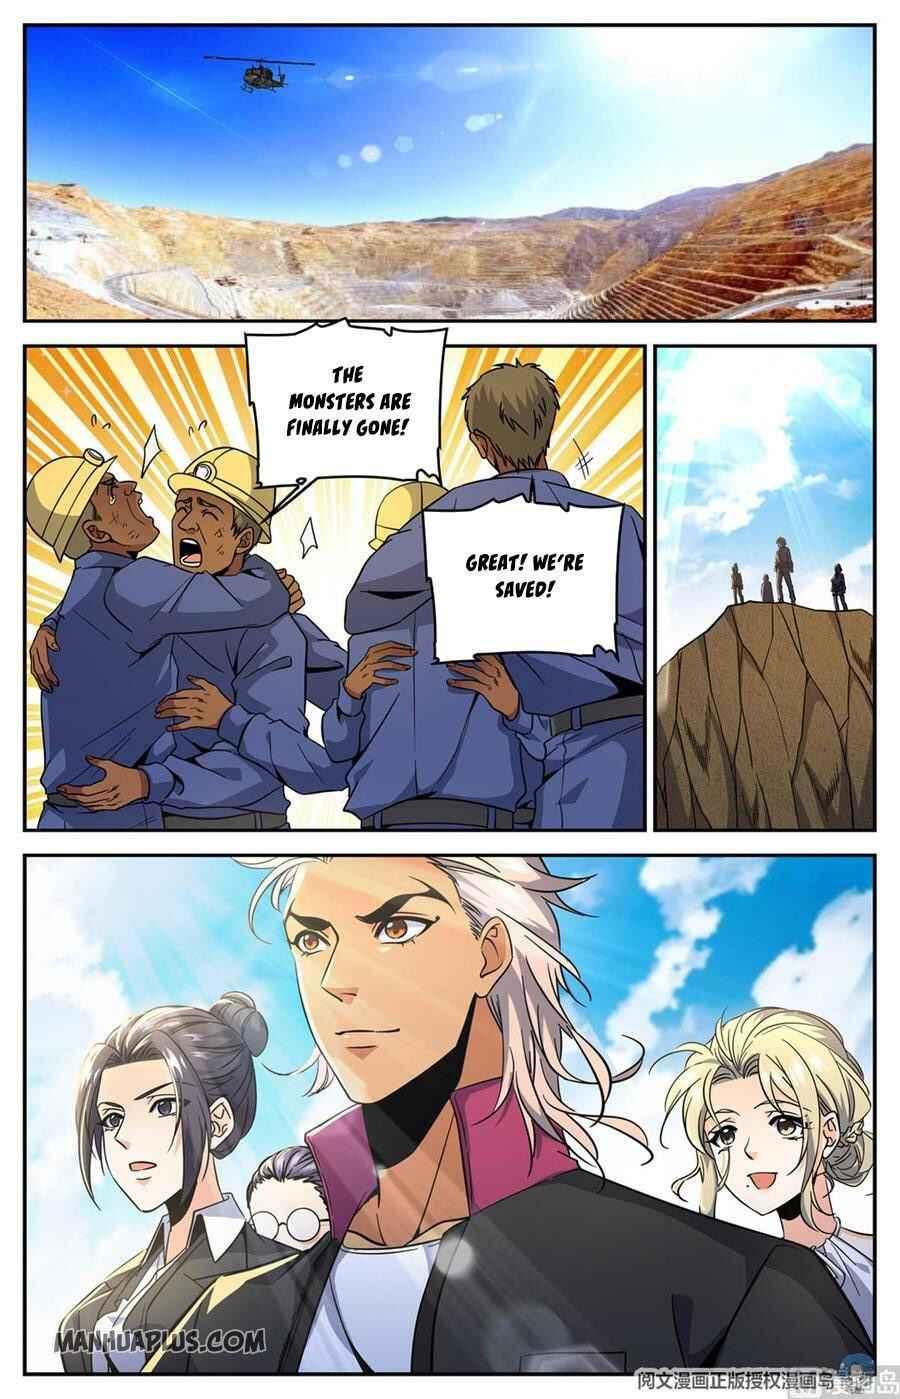 Versatile Mage - chapter 613-eng-li